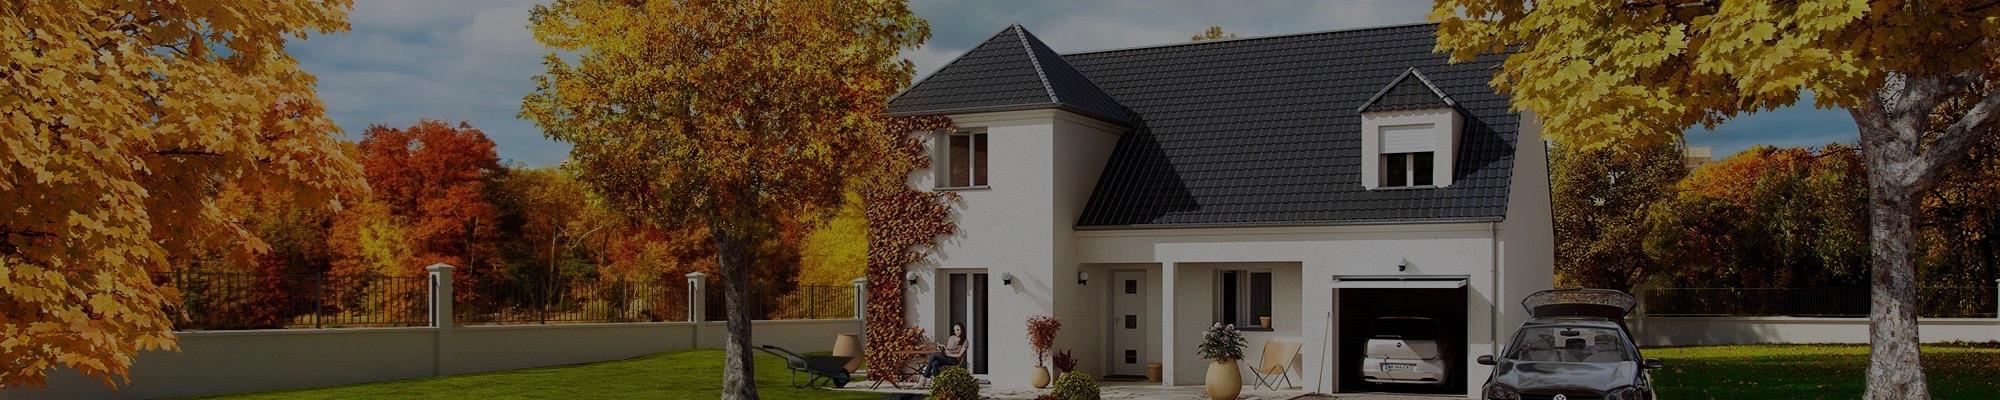 Styl habitat constructeur de maison ni vre 58 et cher 18 for Constructeur maison 18